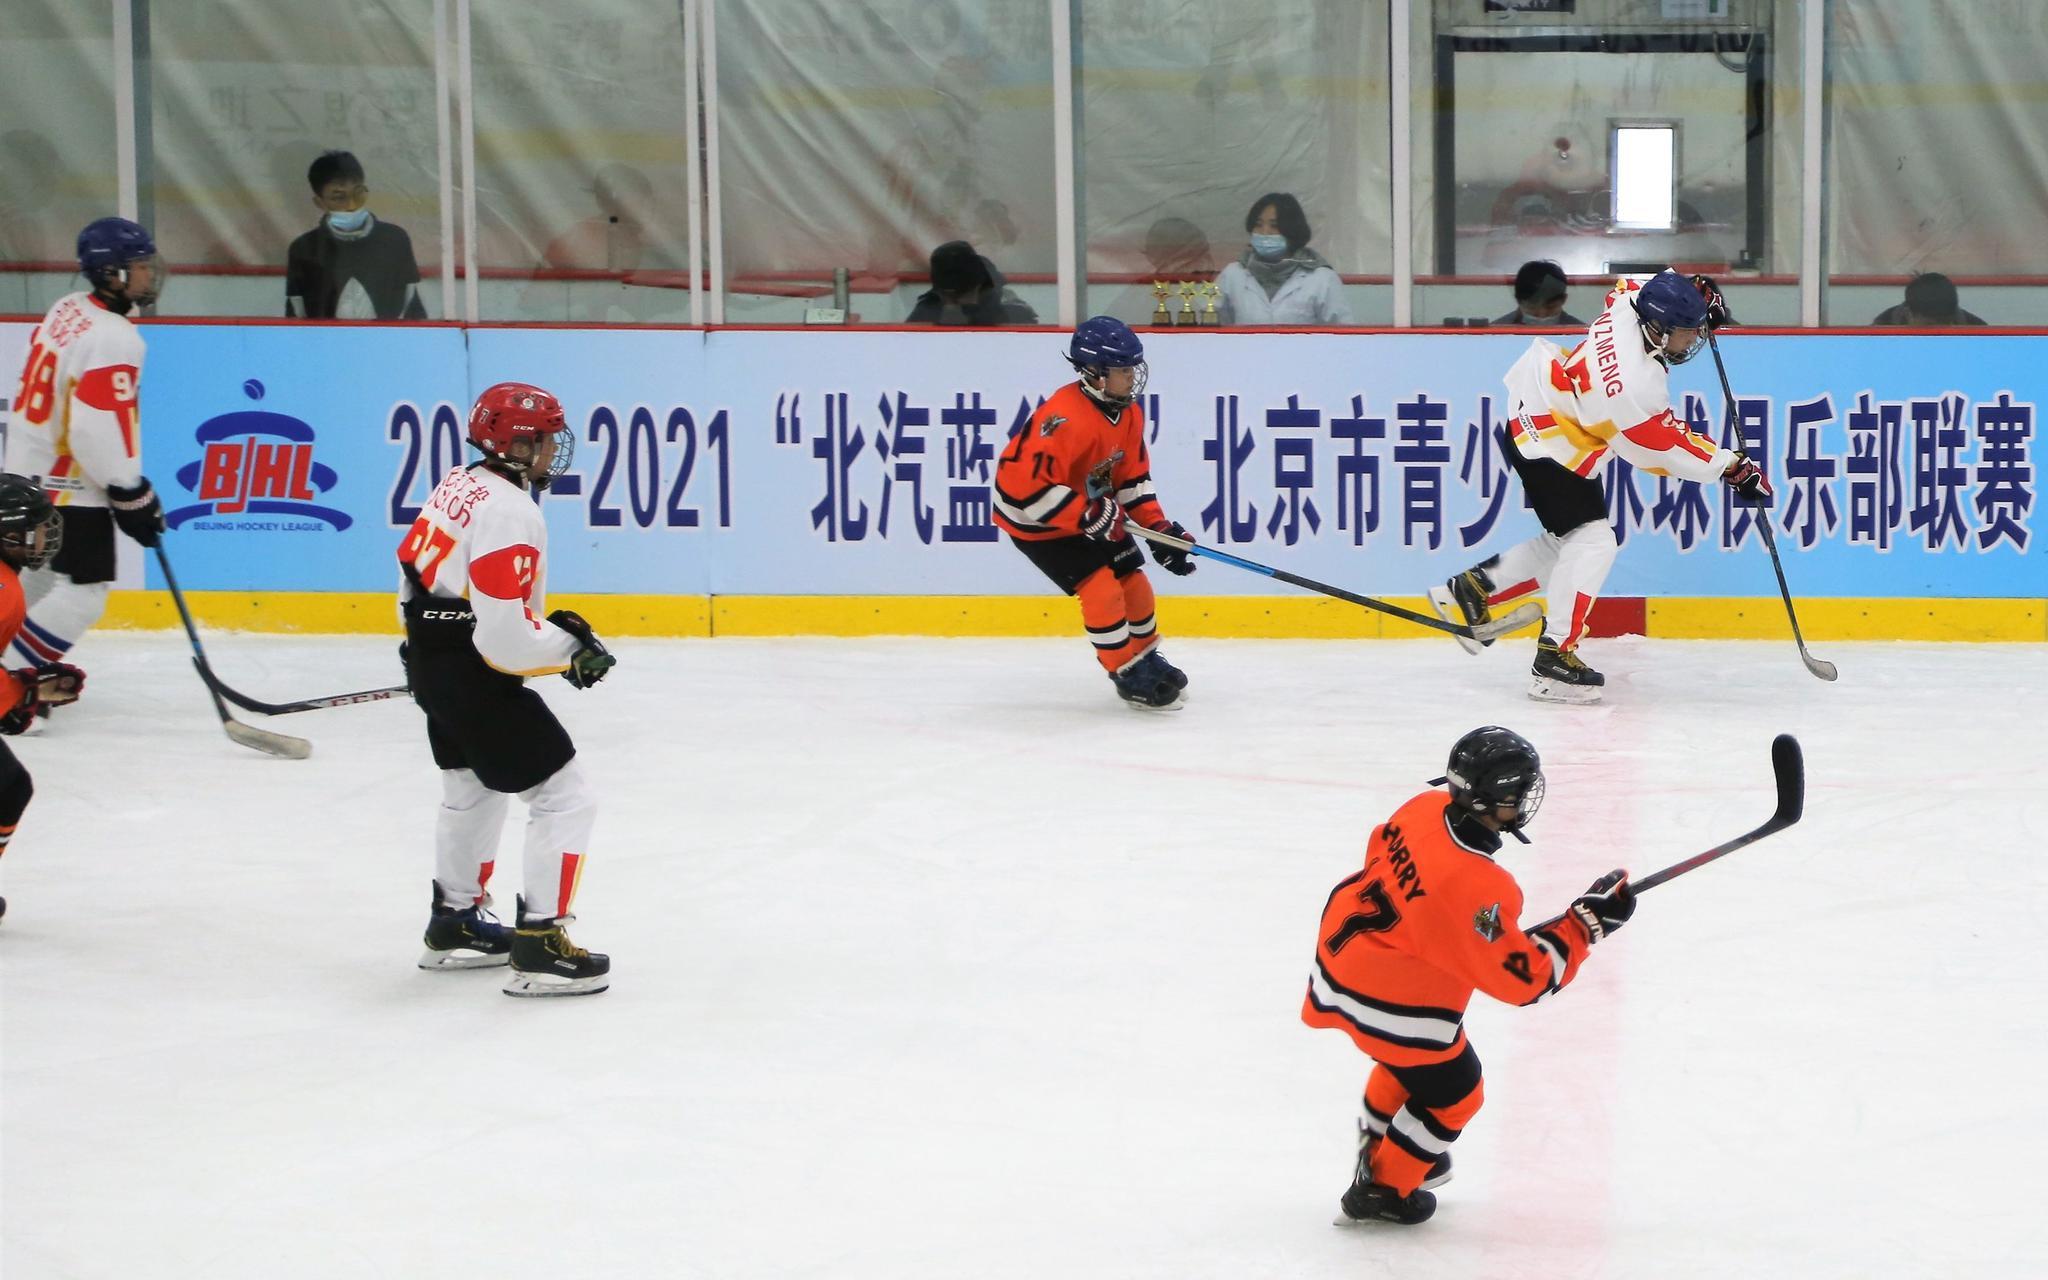 北京市青少年冰球联赛开幕,取消赛后握手等礼仪图片